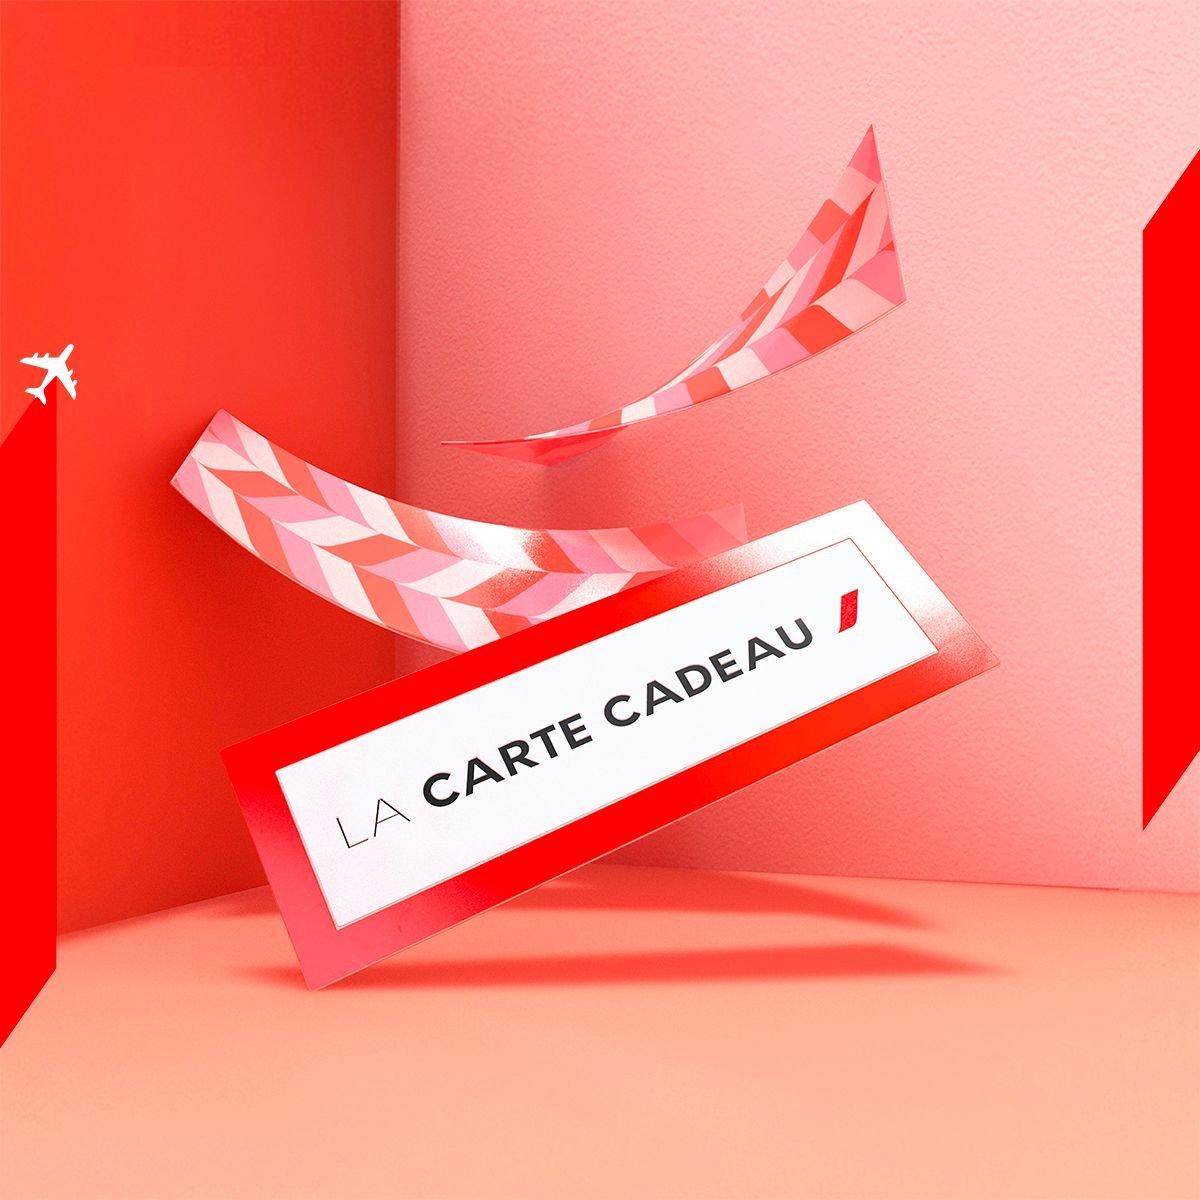 carte cadeau air france Air France   FR: Opération Carte Cadeau ! | Milled